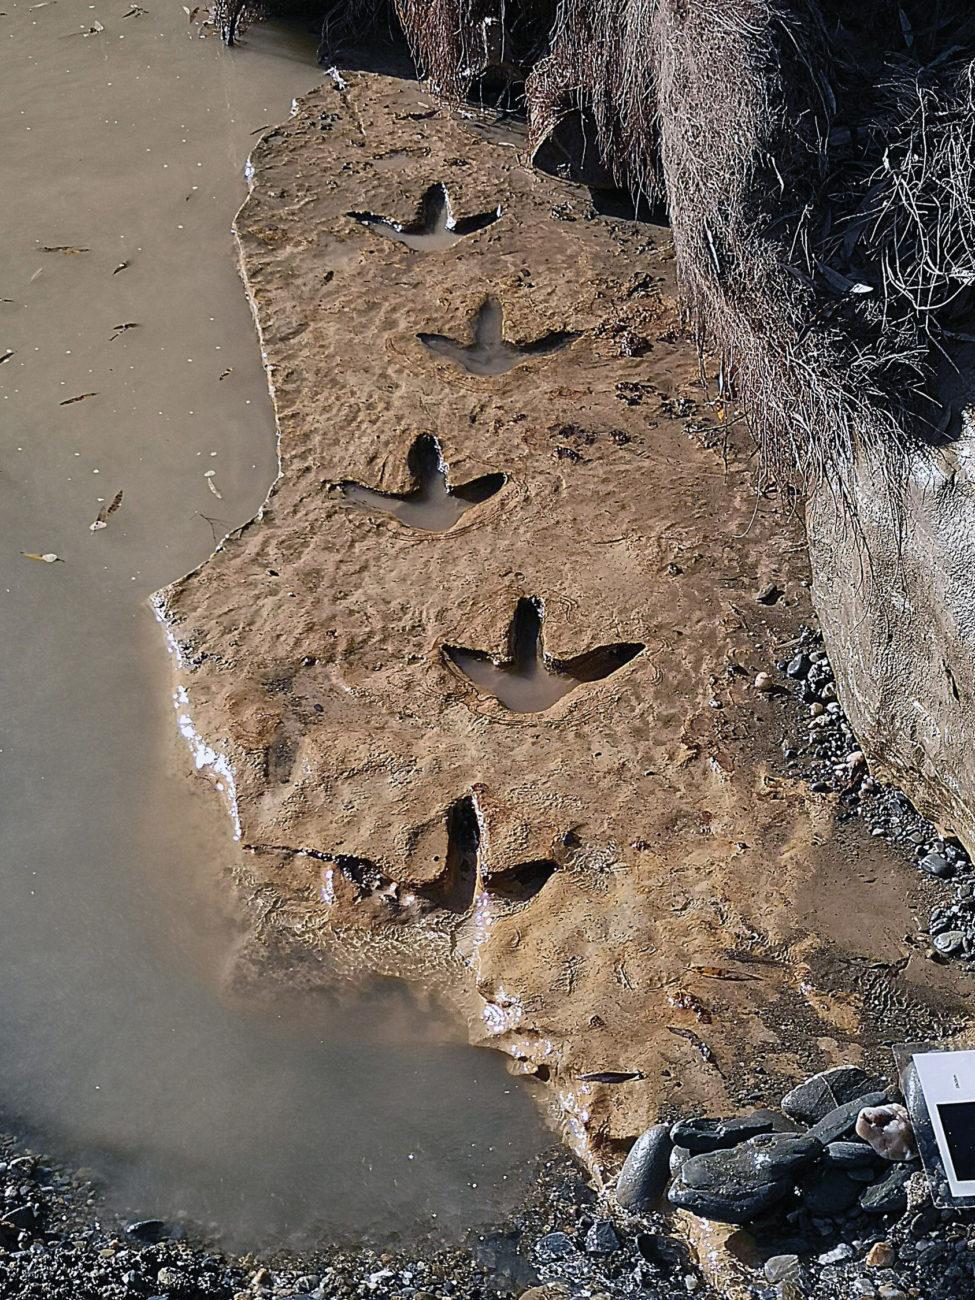 La découverte d'empreintes de moas est toujours une grande affaire médiatique en Nouvelle-Zélande. On en trouve parfois en bord de rivière, dans des terrains qui furent vaseux à une époque et qui ont complètement durci au fil du temps.